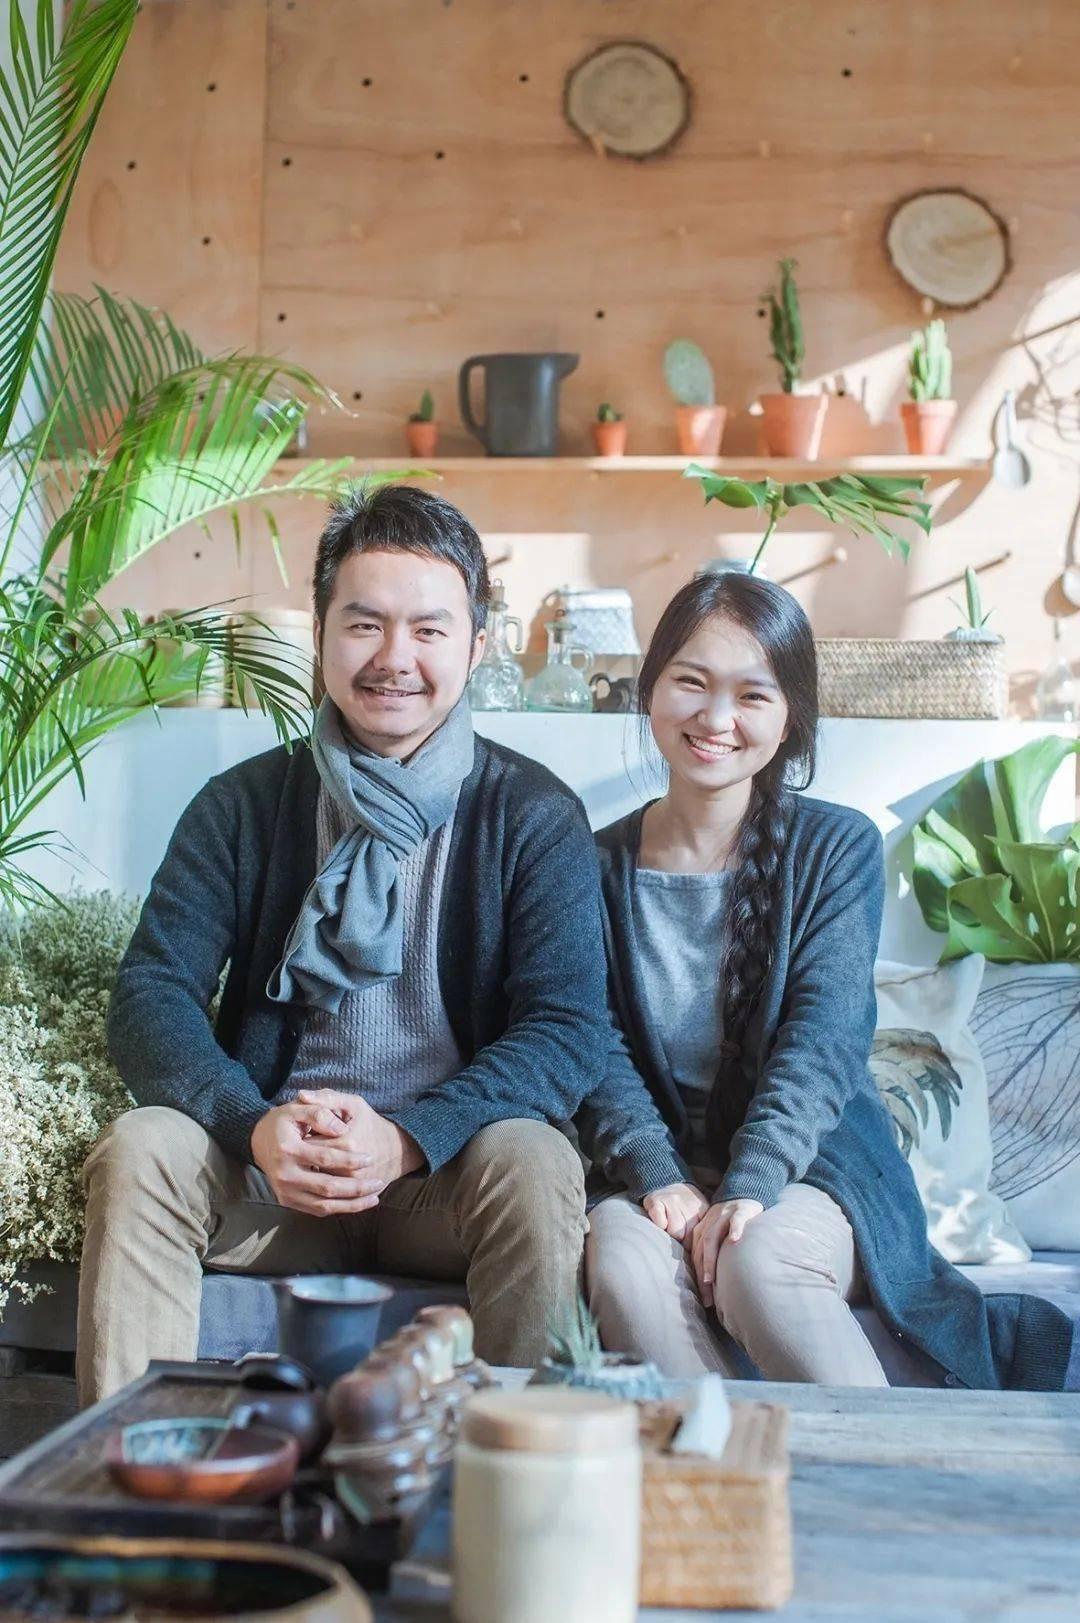 Cặp vợ chồng trẻ lên núi chọn sống cuộc đời bình an trong căn nhà rộng 300m2 - Ảnh 19.